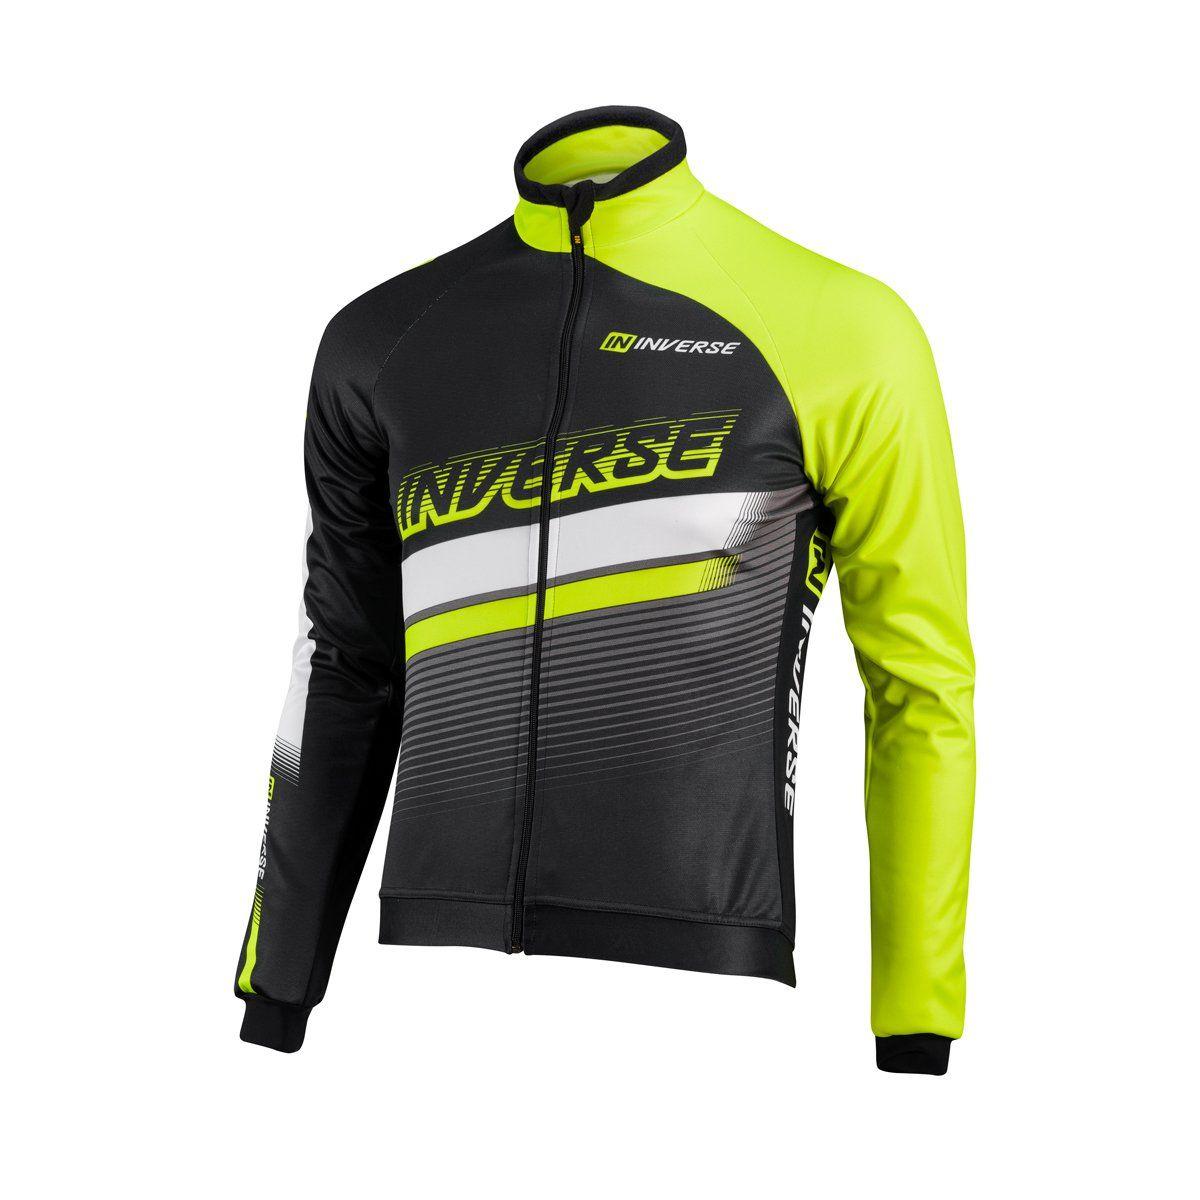 Chaqueta de ciclismo ANATOMIC 2015  89ea9005ee8eb